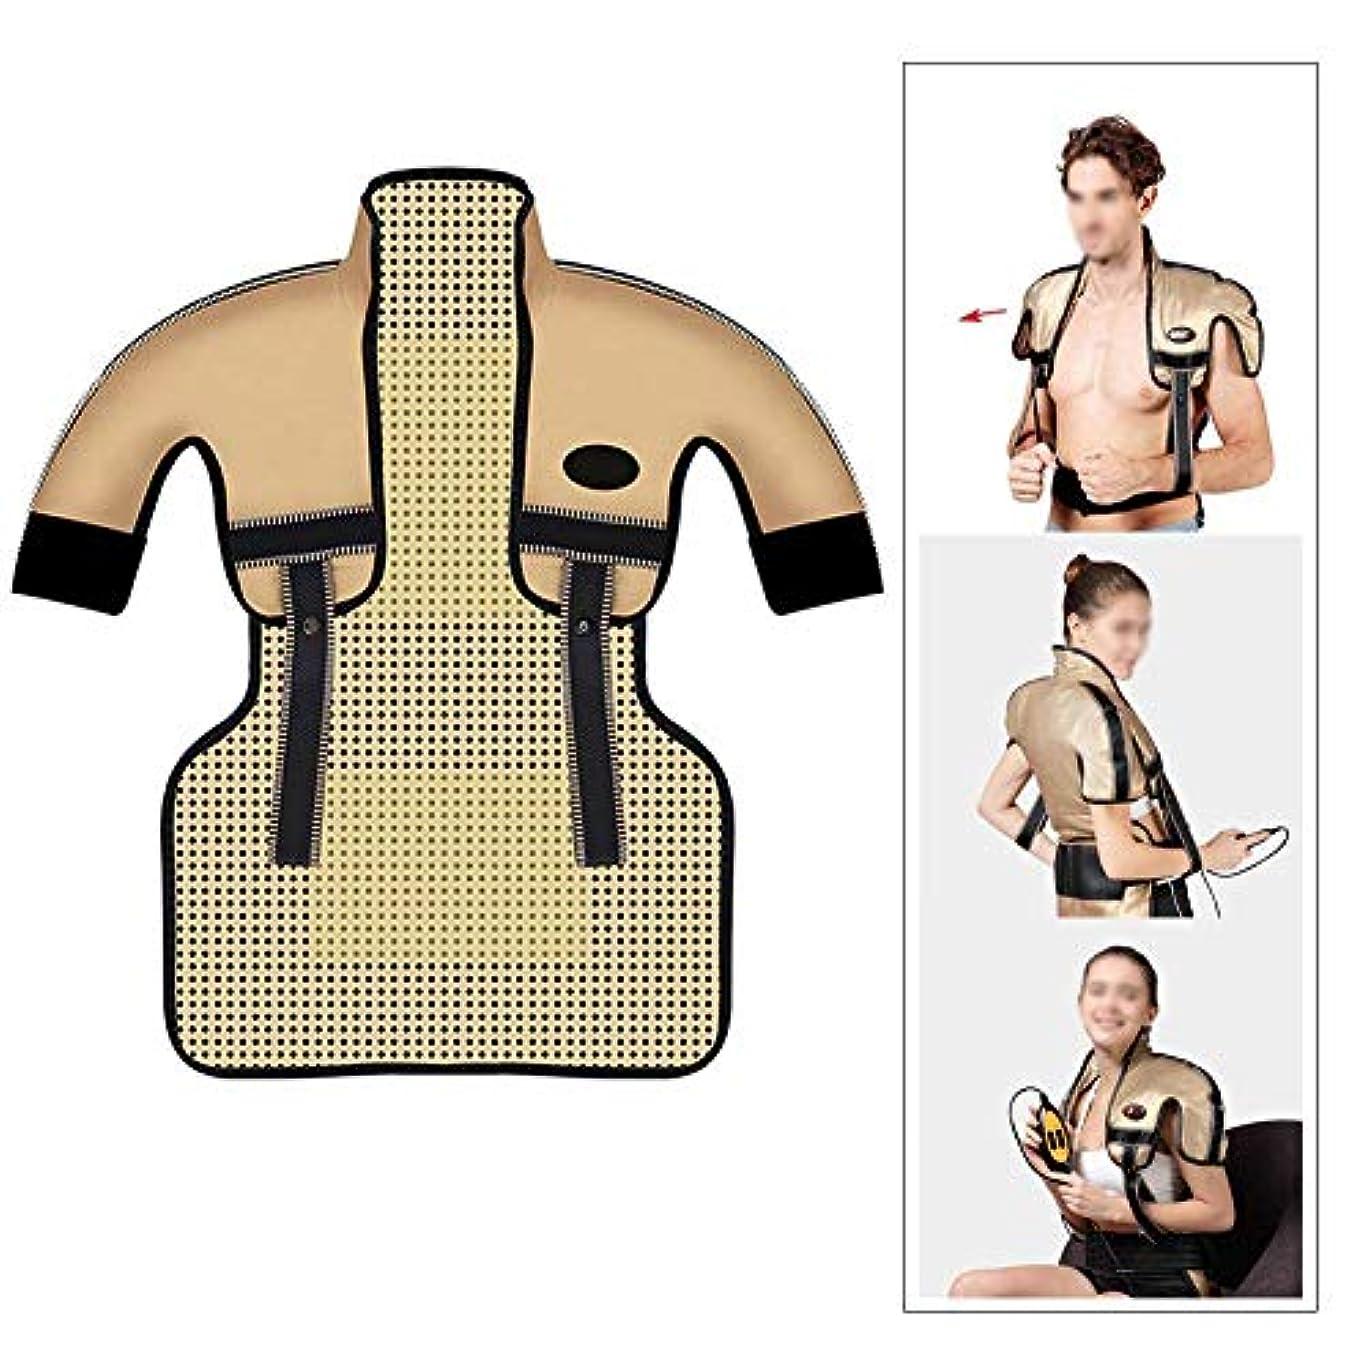 スコア免除スクラップ肩と首の電気加熱パッド - 混練加熱、痛みを和らげるヒートパッド、医療用品マッサージベスト(肩幅用:35-50CM)